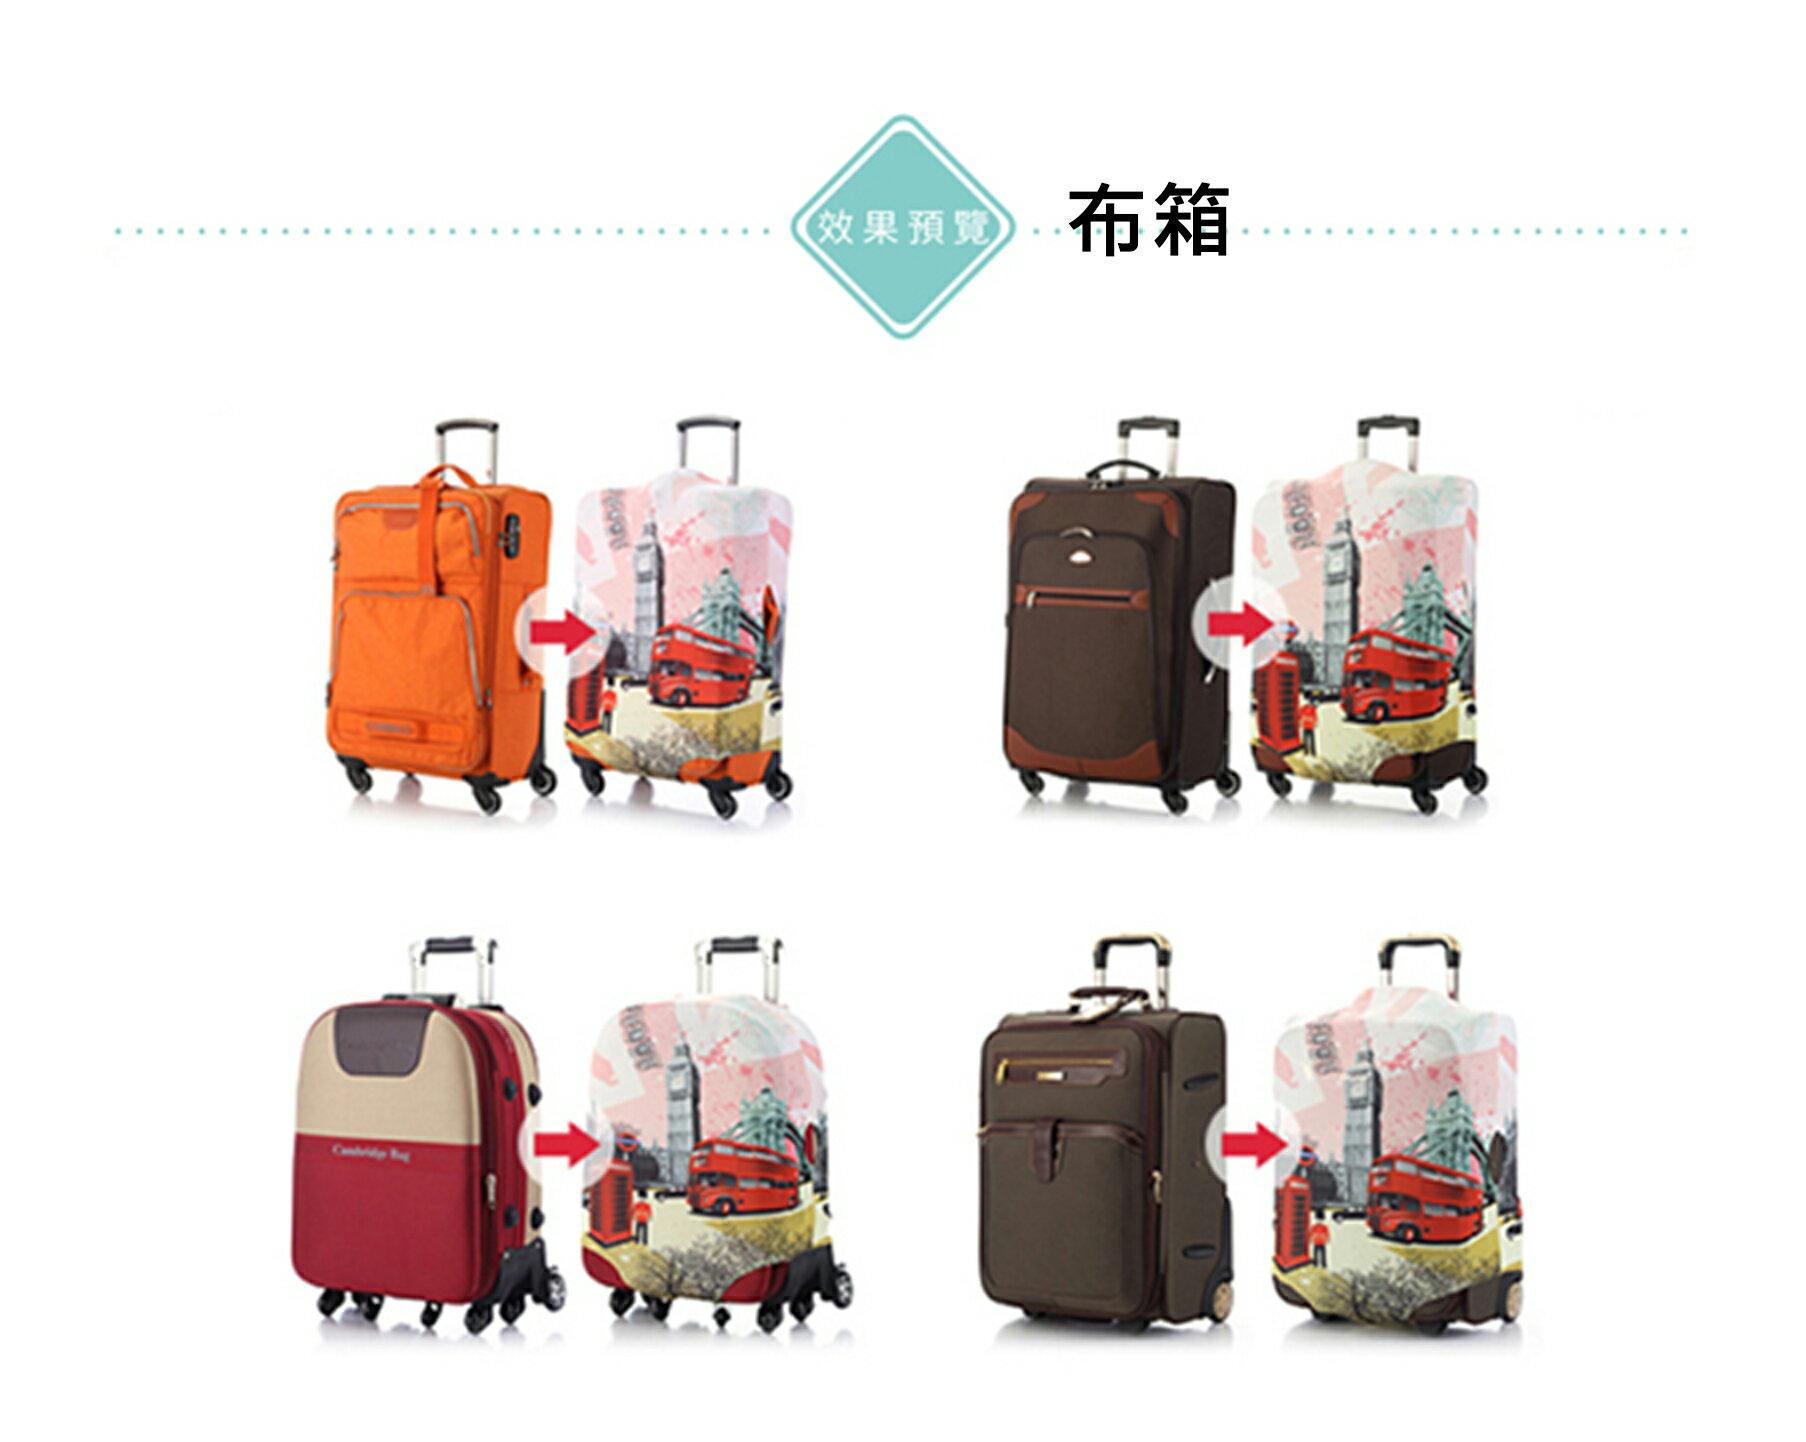 【Intermission】LCS374 海洋生態 外銷日本 彈力保護套 行李箱套 旅行箱防塵罩 防塵套 特殊圖案(M 、L號 行李箱) 7